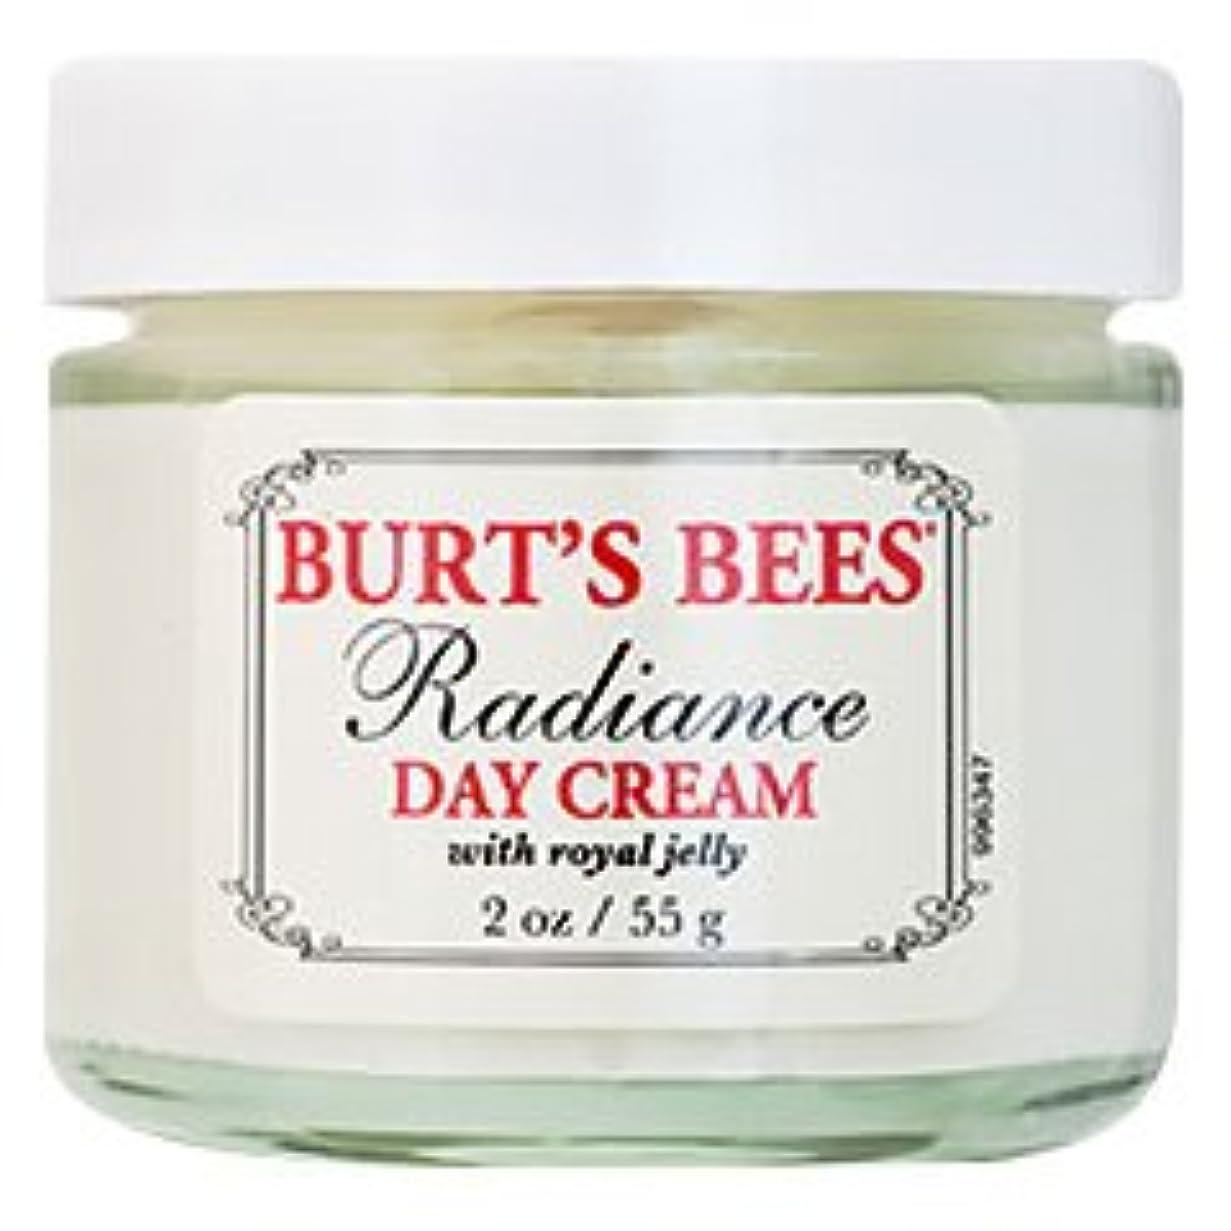 生息地入手しますフォローバーツビーズ(Burt's Bees) ラディアンス デイクリーム(ロイヤルジェリー) 55g [海外直送品][並行輸入品]